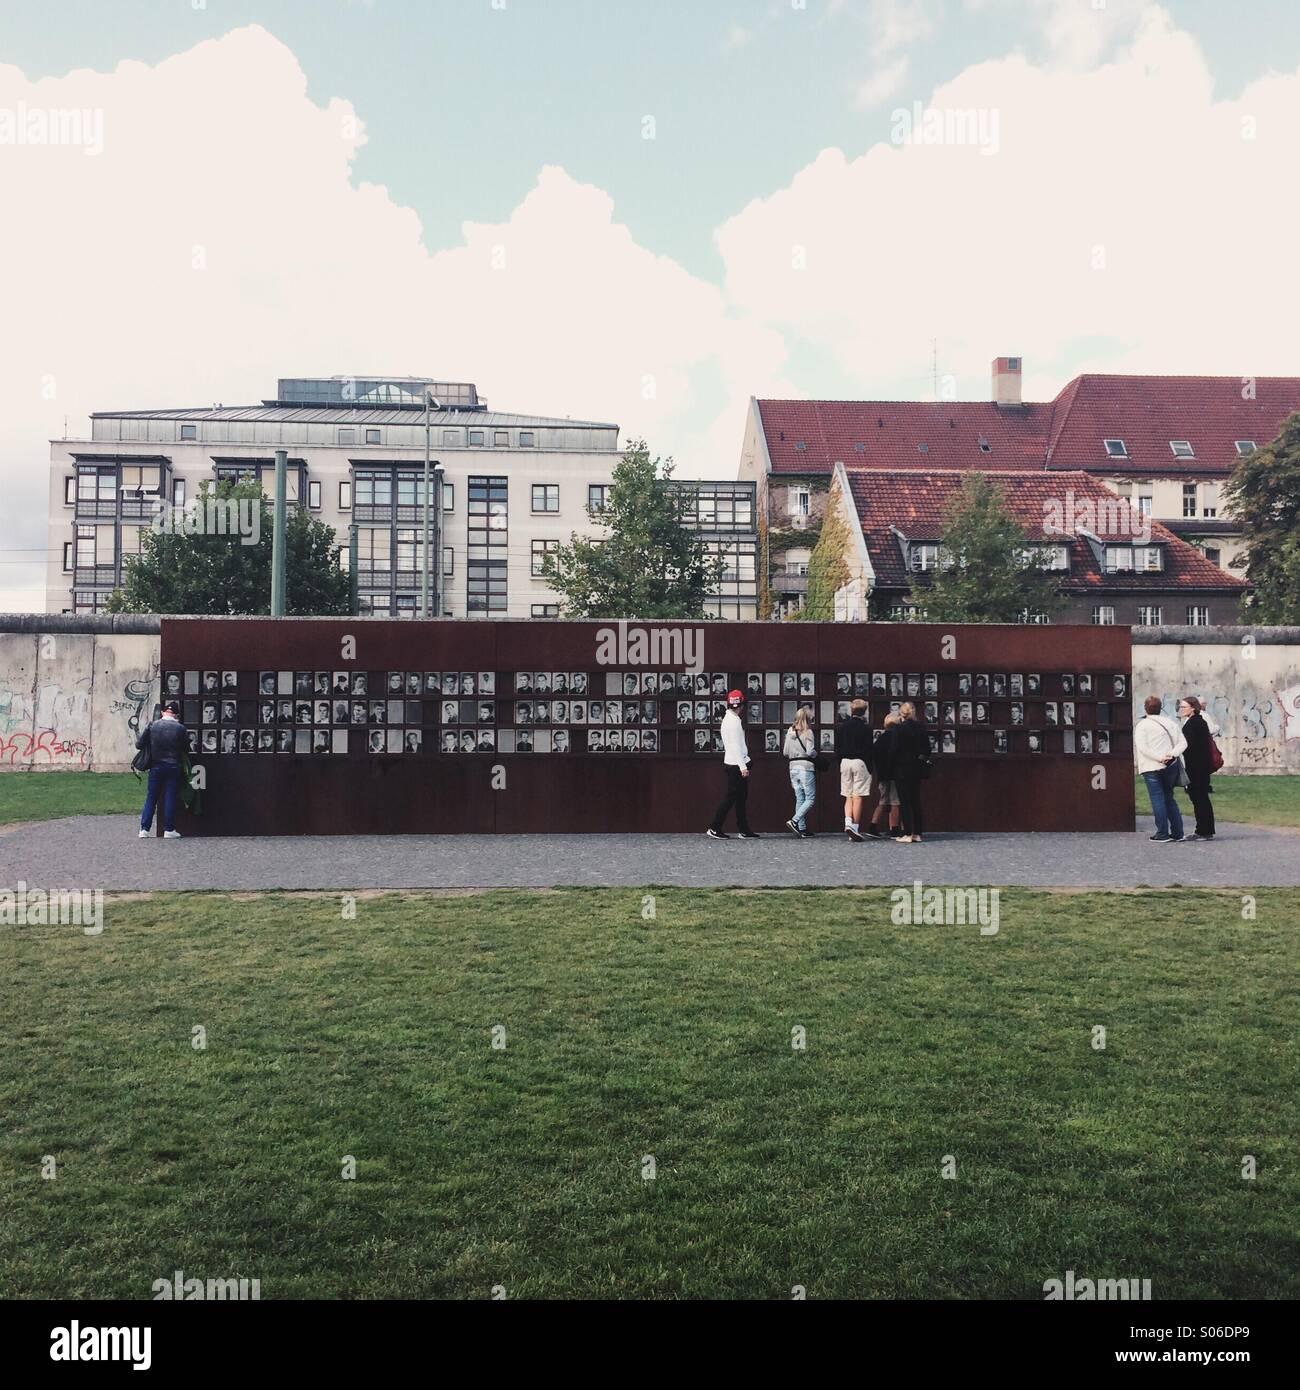 Gedenkstatte Berliner Mauer Zum Gedenken An Die Verstorbenen Auf Der Ost Berliner Bernauer Strasse Berlin Flucht Stockfotografie Alamy